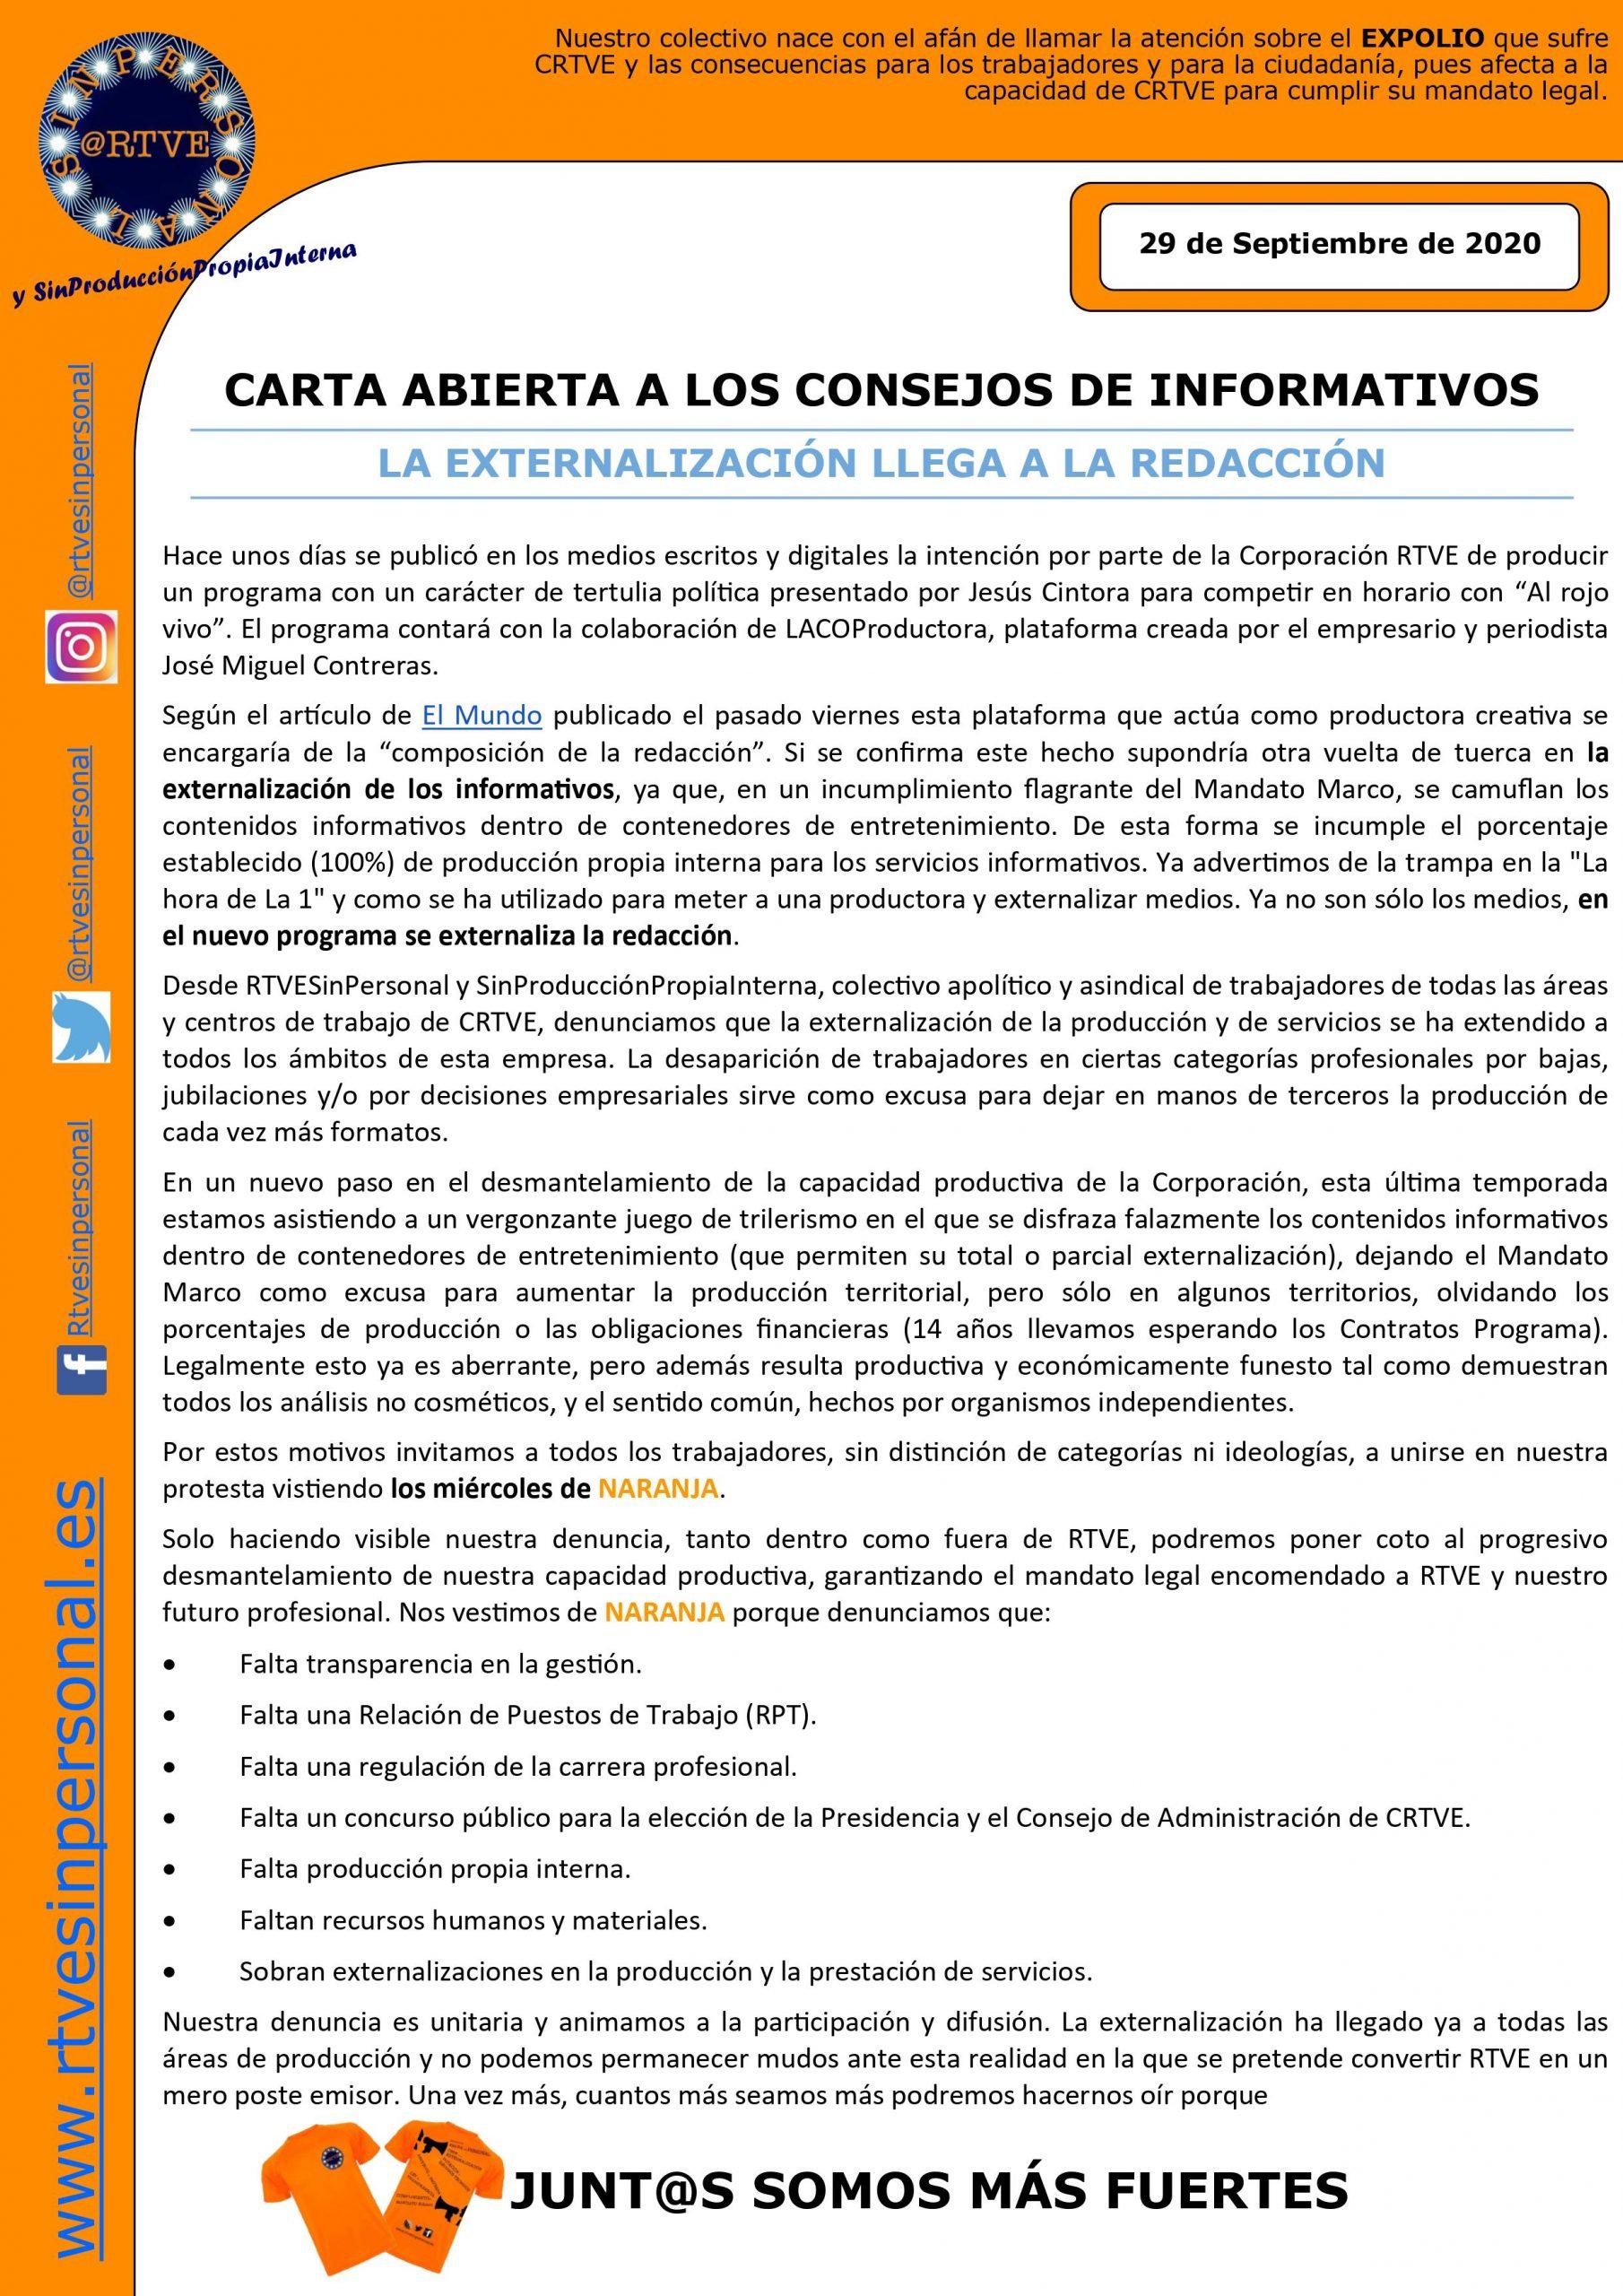 Carta abierta a los Consejos de Informativos